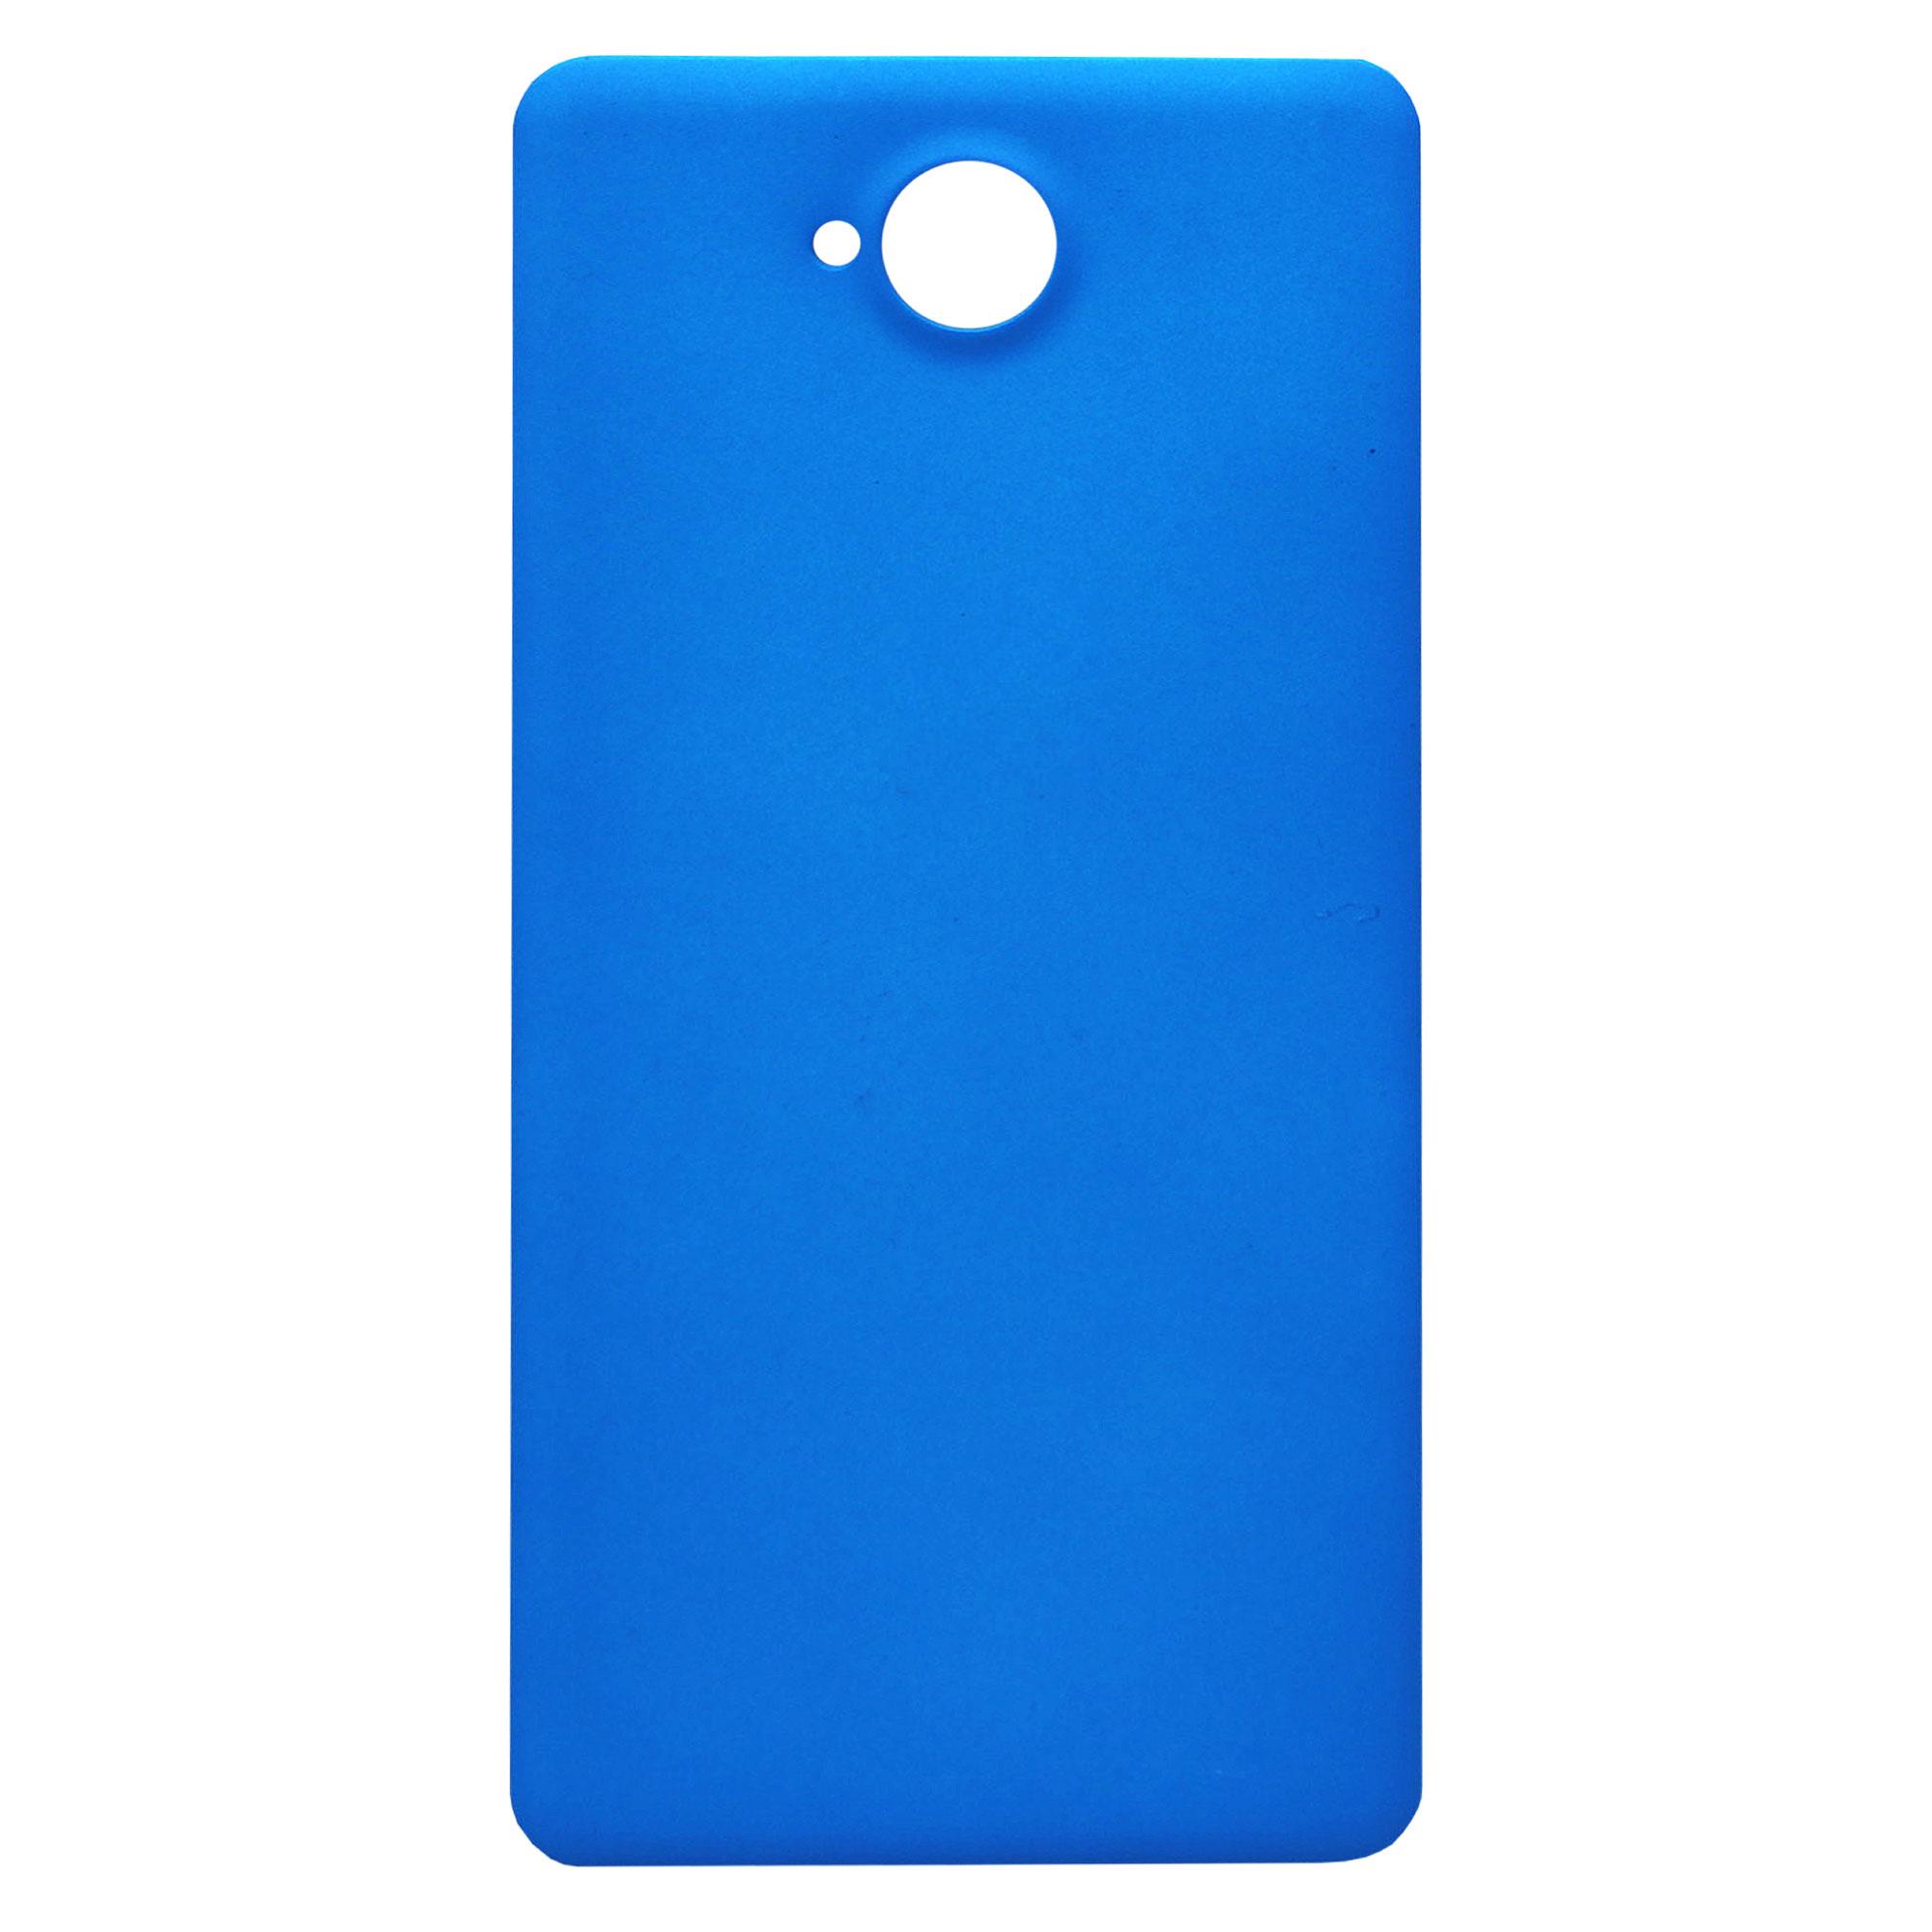 در پشت گوشی مدل BK-01 مناسب برای گوشی موبایل مایکروسافت Lumia 650